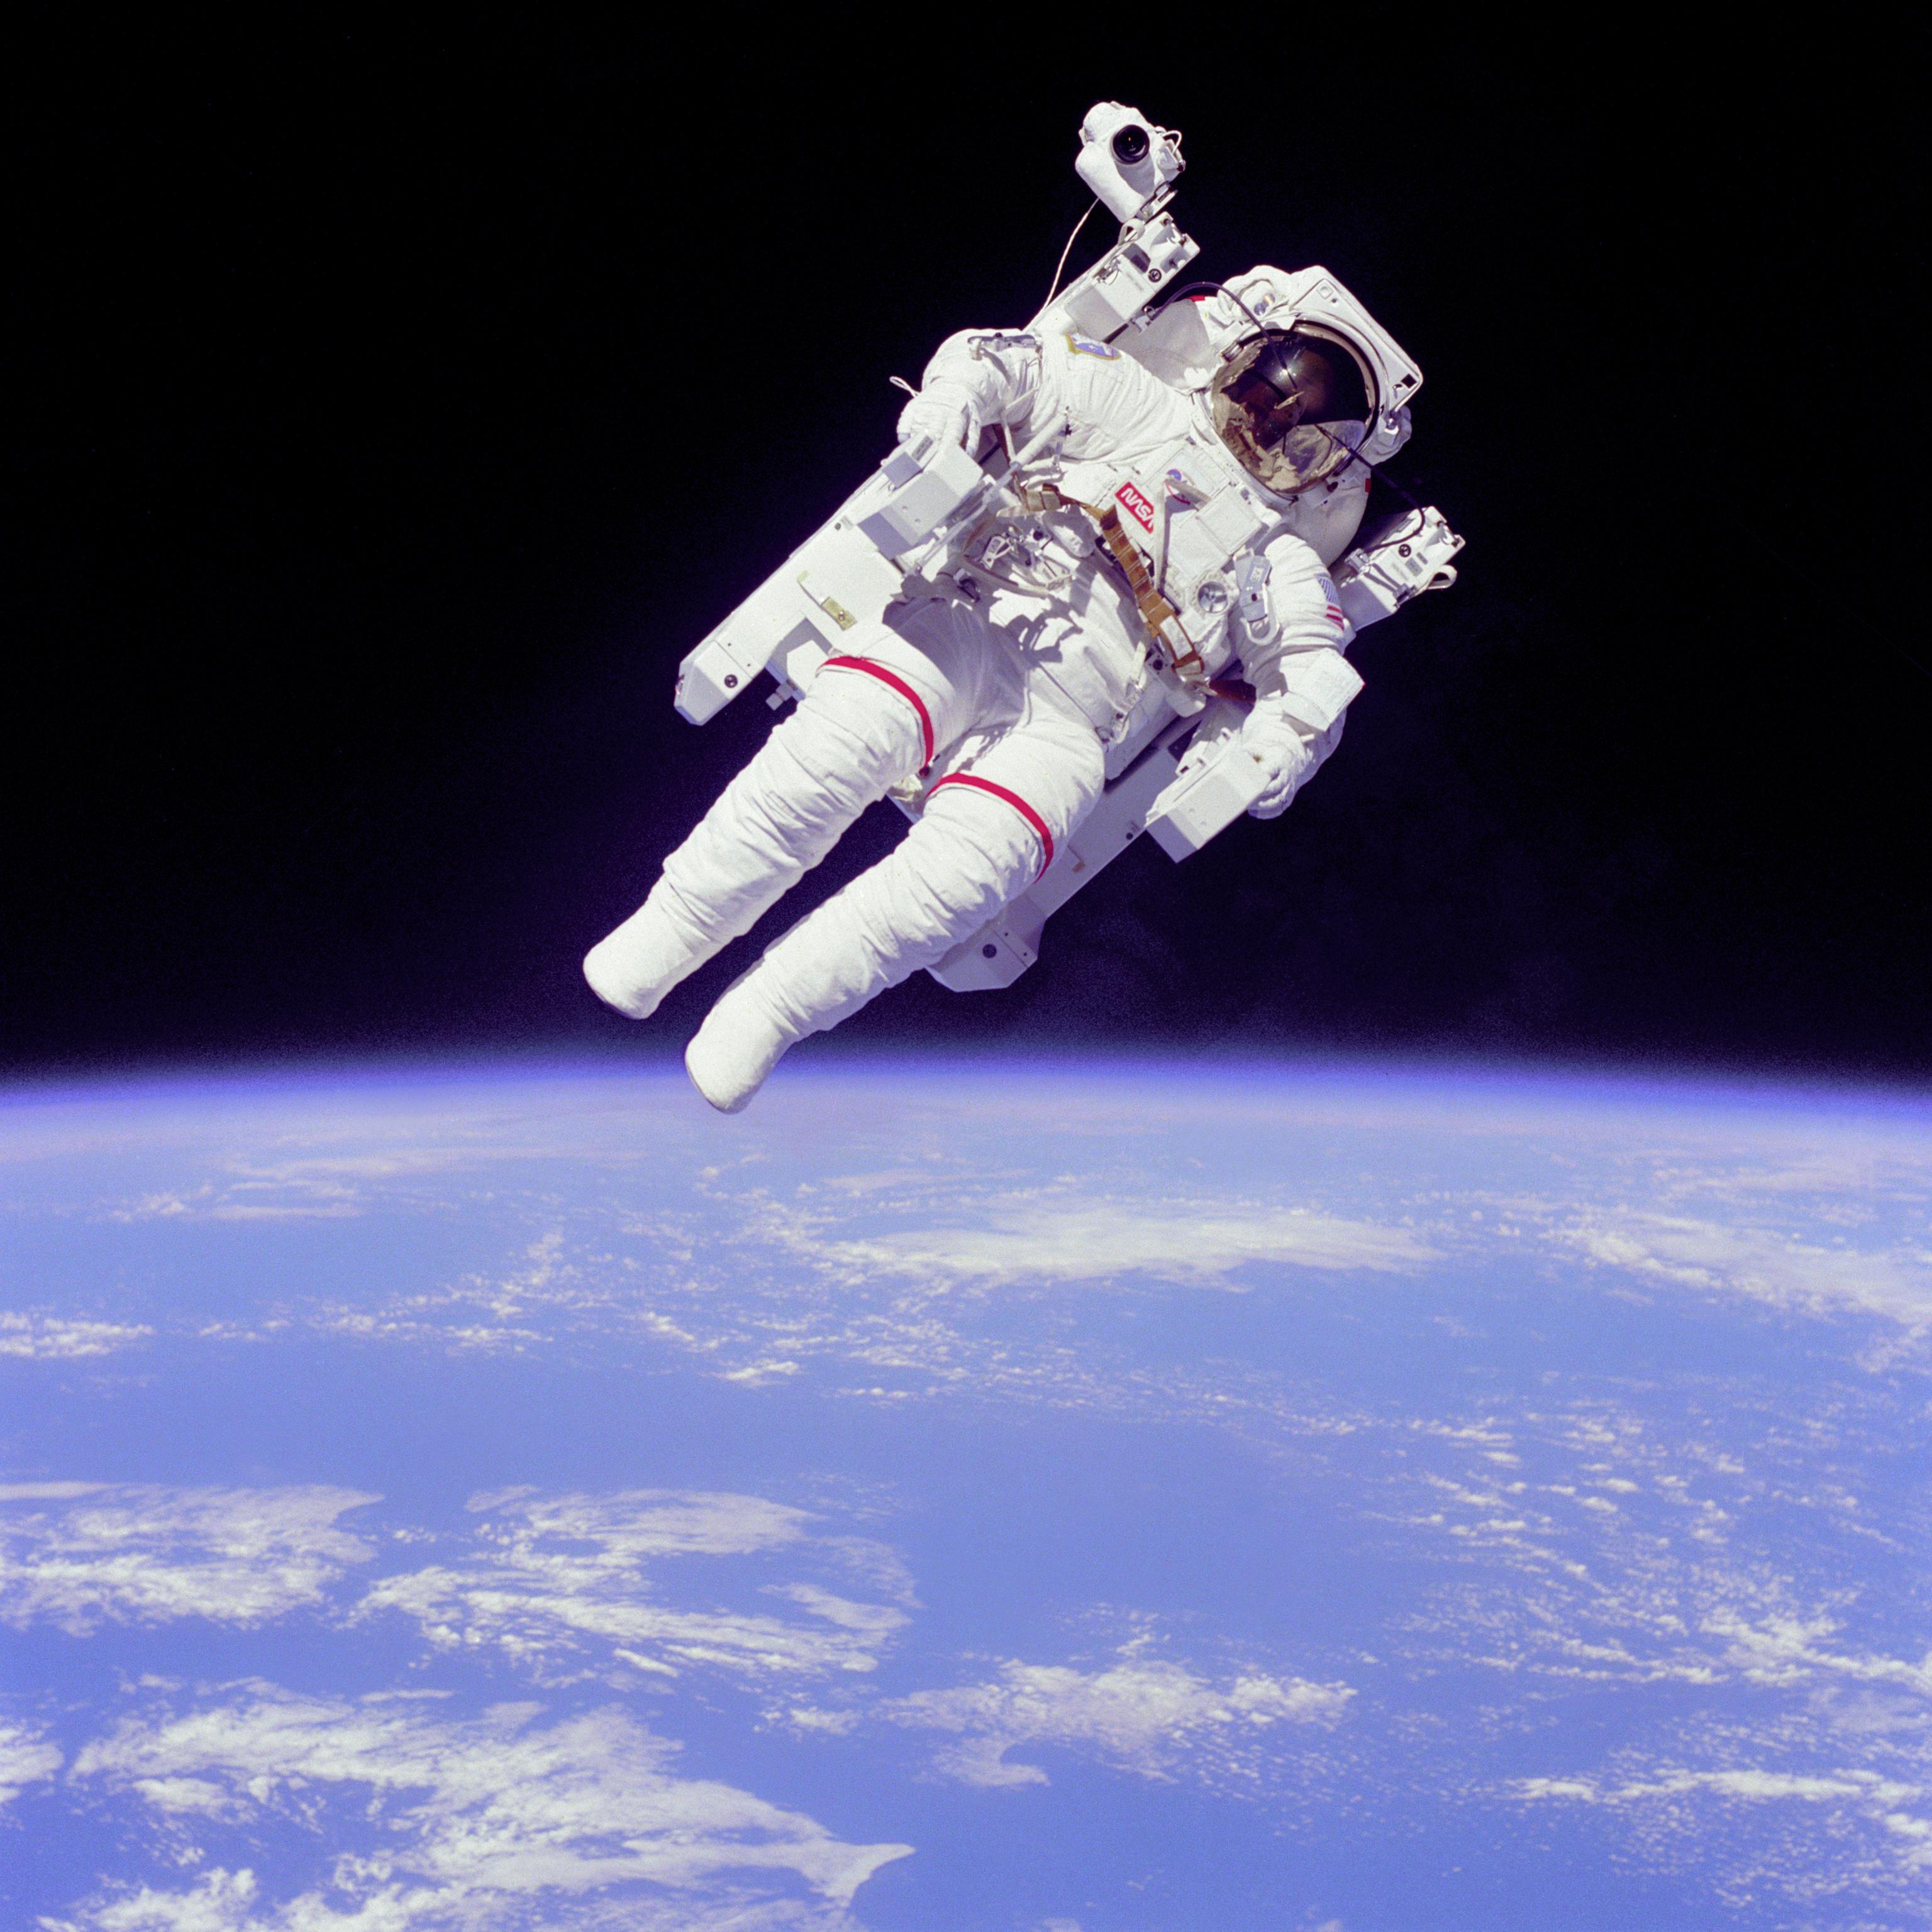 Depiction of Traje espacial